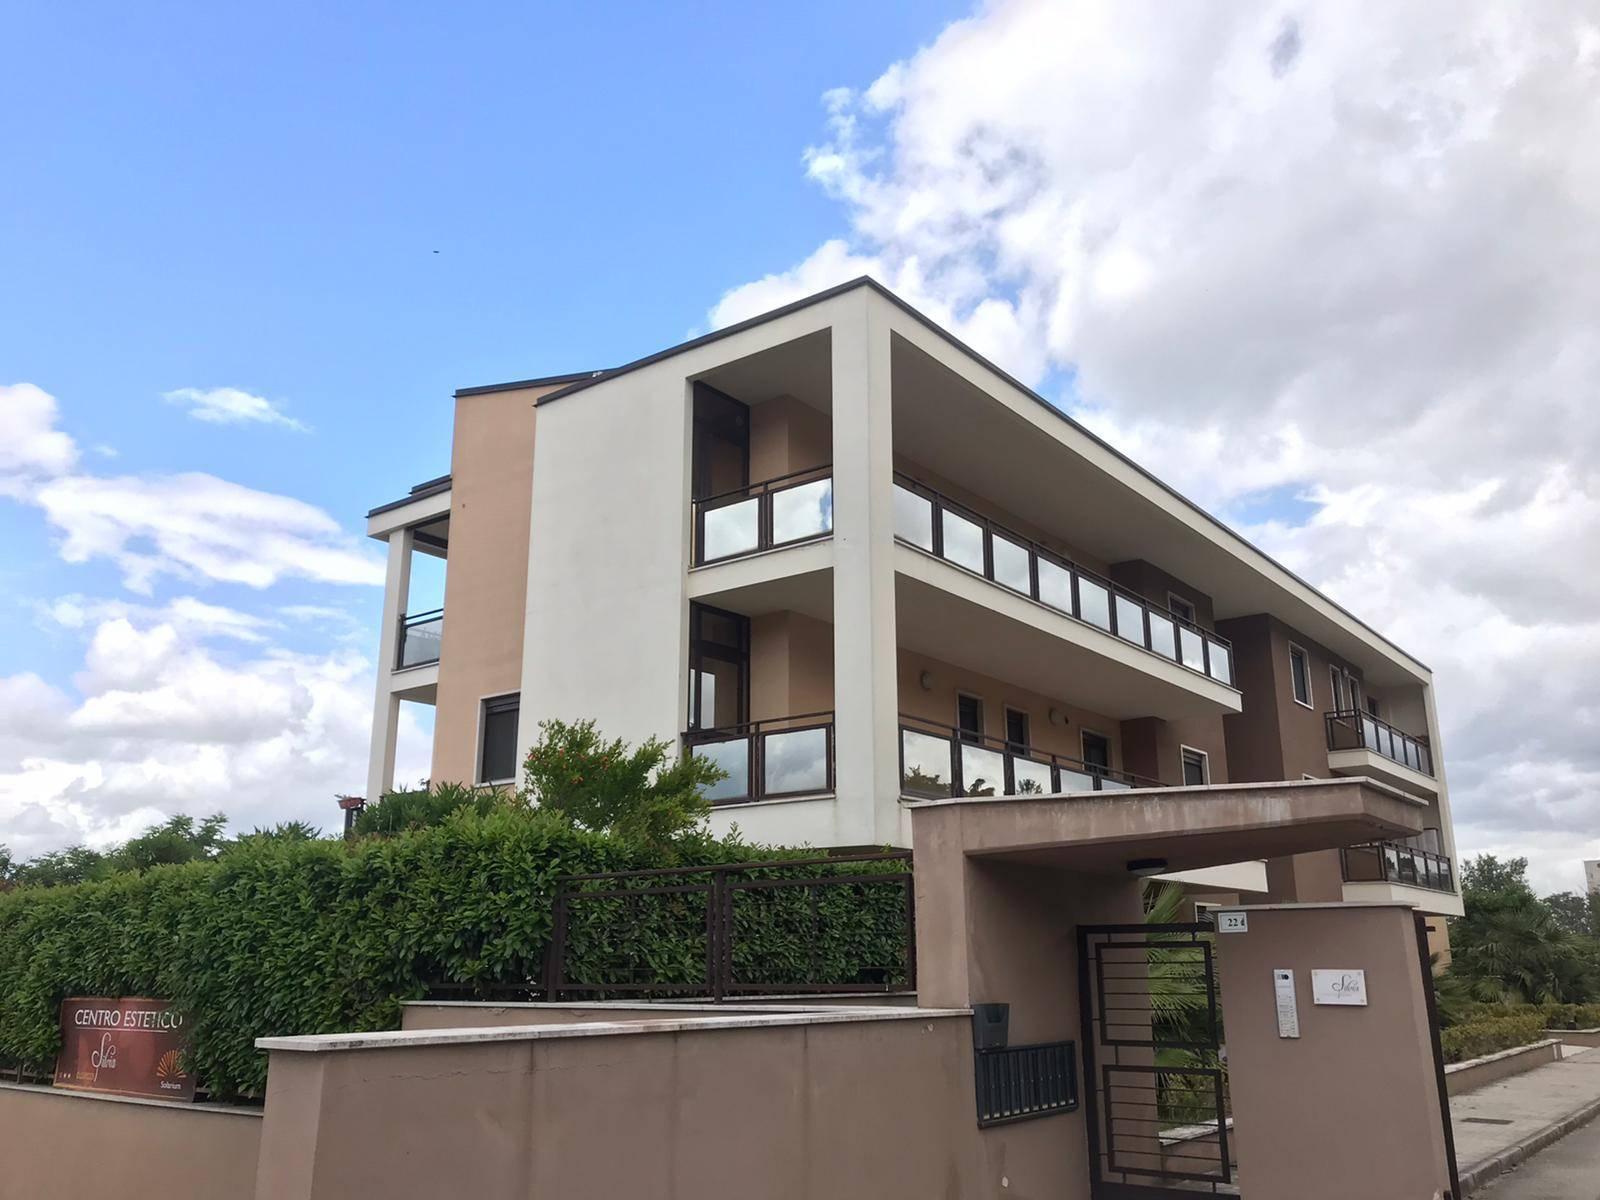 Appartamento in vendita a Benevento, 5 locali, zona Zona: Centro, prezzo € 250.000 | CambioCasa.it